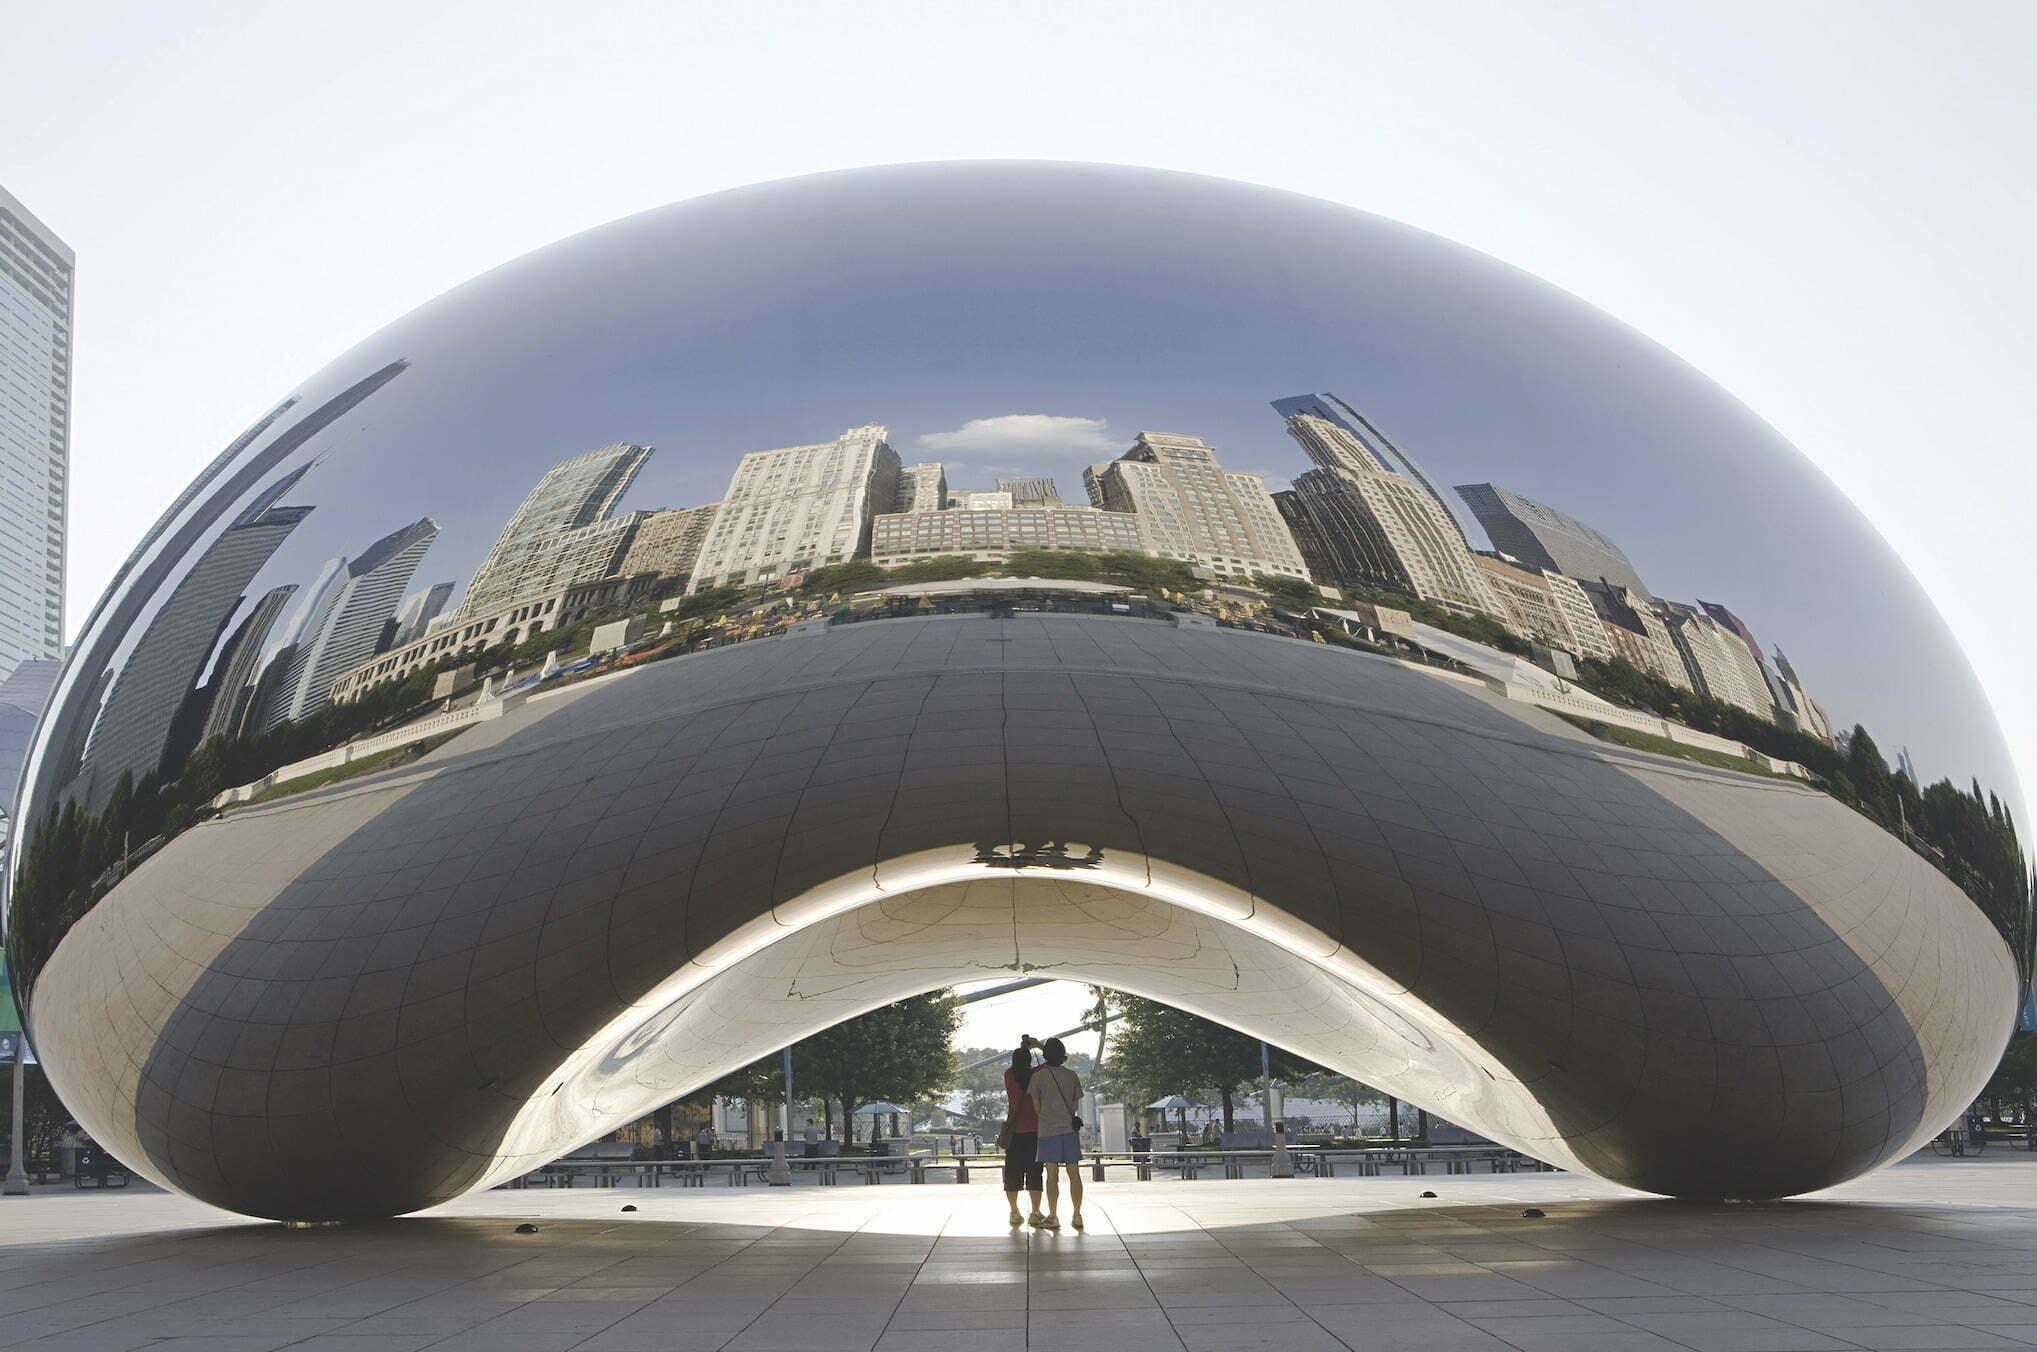 Chicago posiada fenomenalną architekturę. To właśnie tutaj w 1885 roku powstał pierwszy na świecie drapacz chmur o oszałamiającej jak na tamte czasy liczbie 10 pięter.